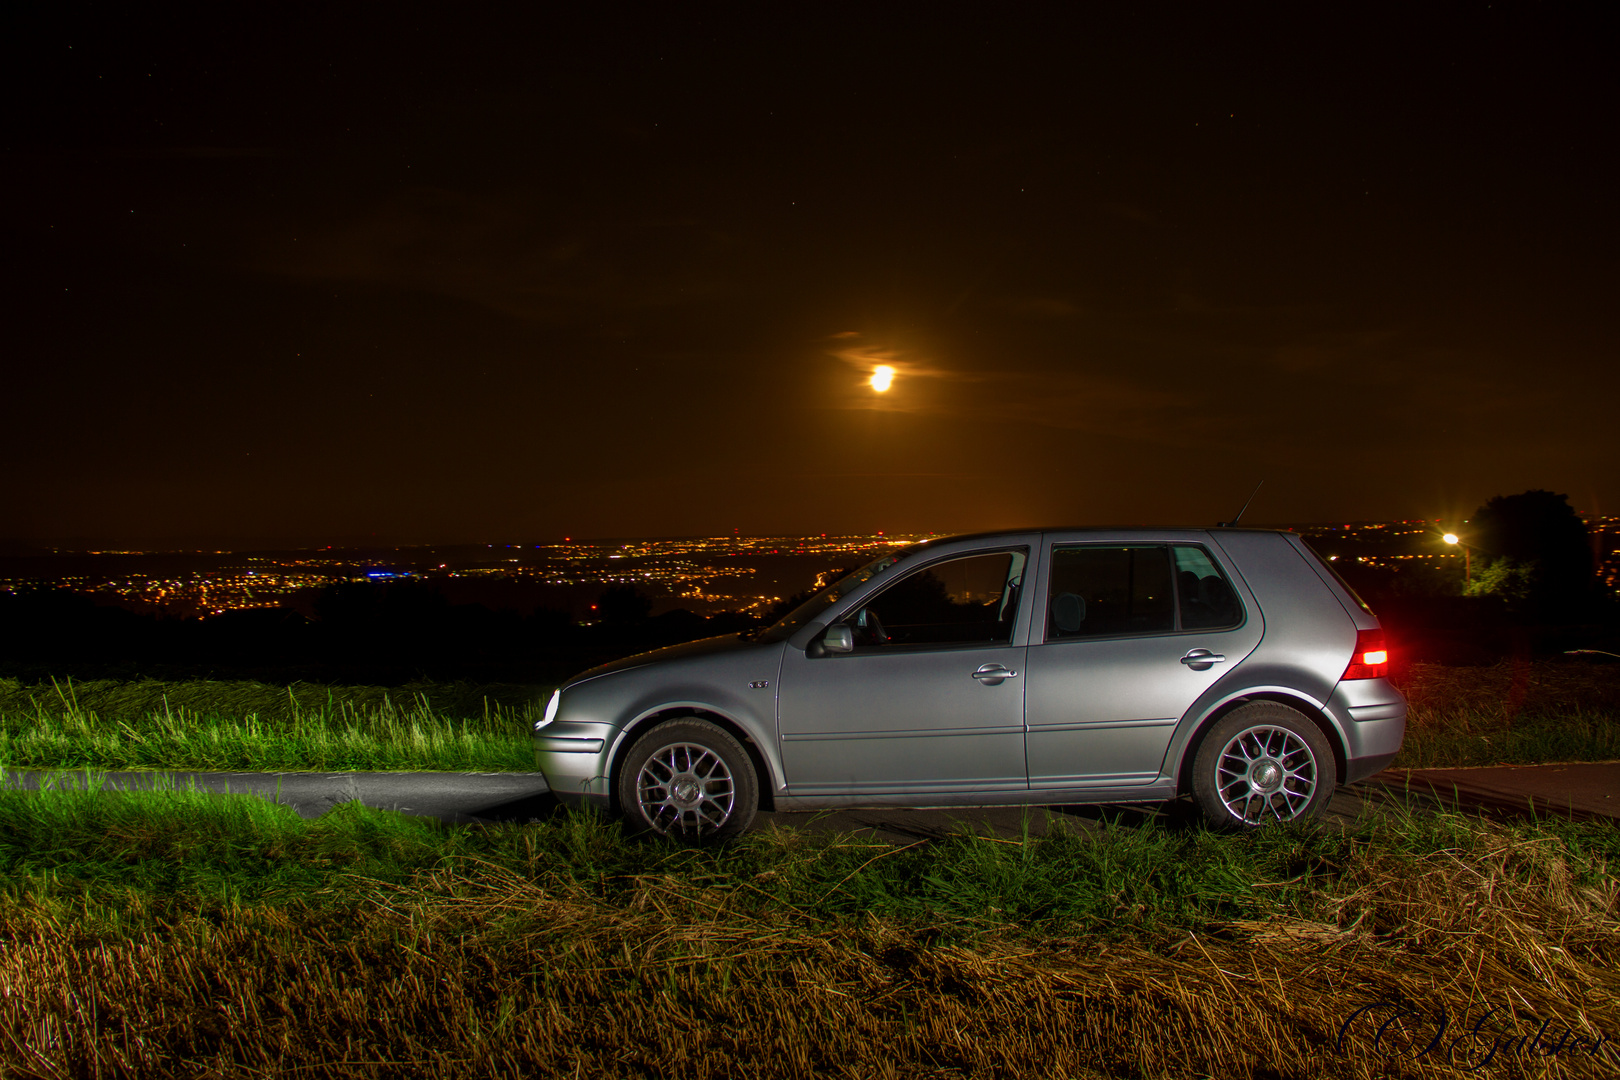 Das Auto der Nacht